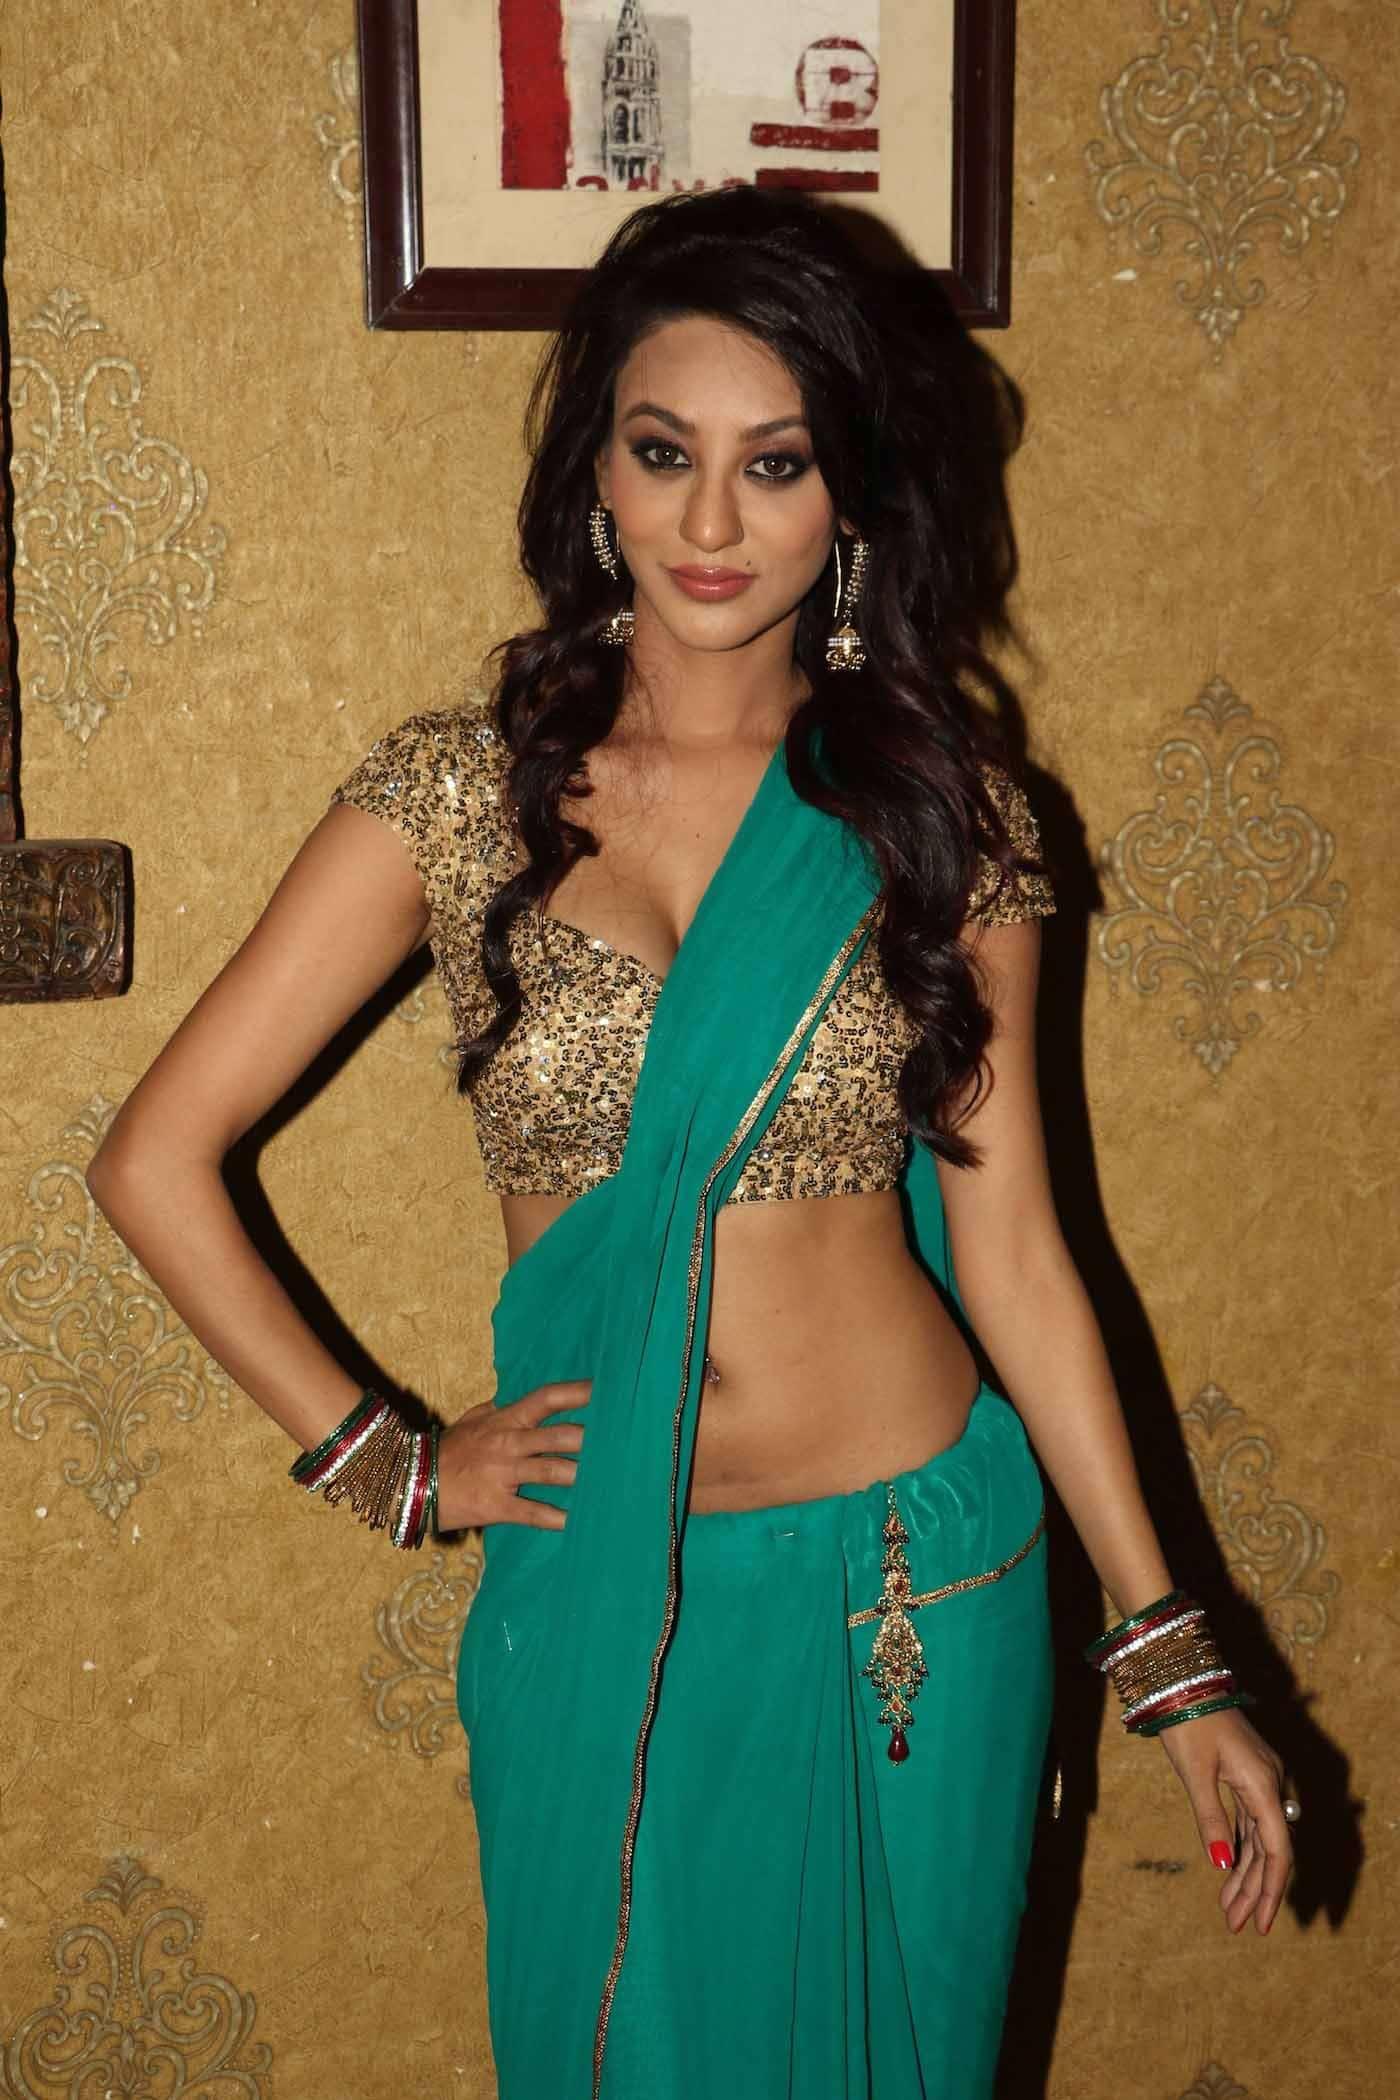 Jasveer Kaur Indian Actress, Television Actress